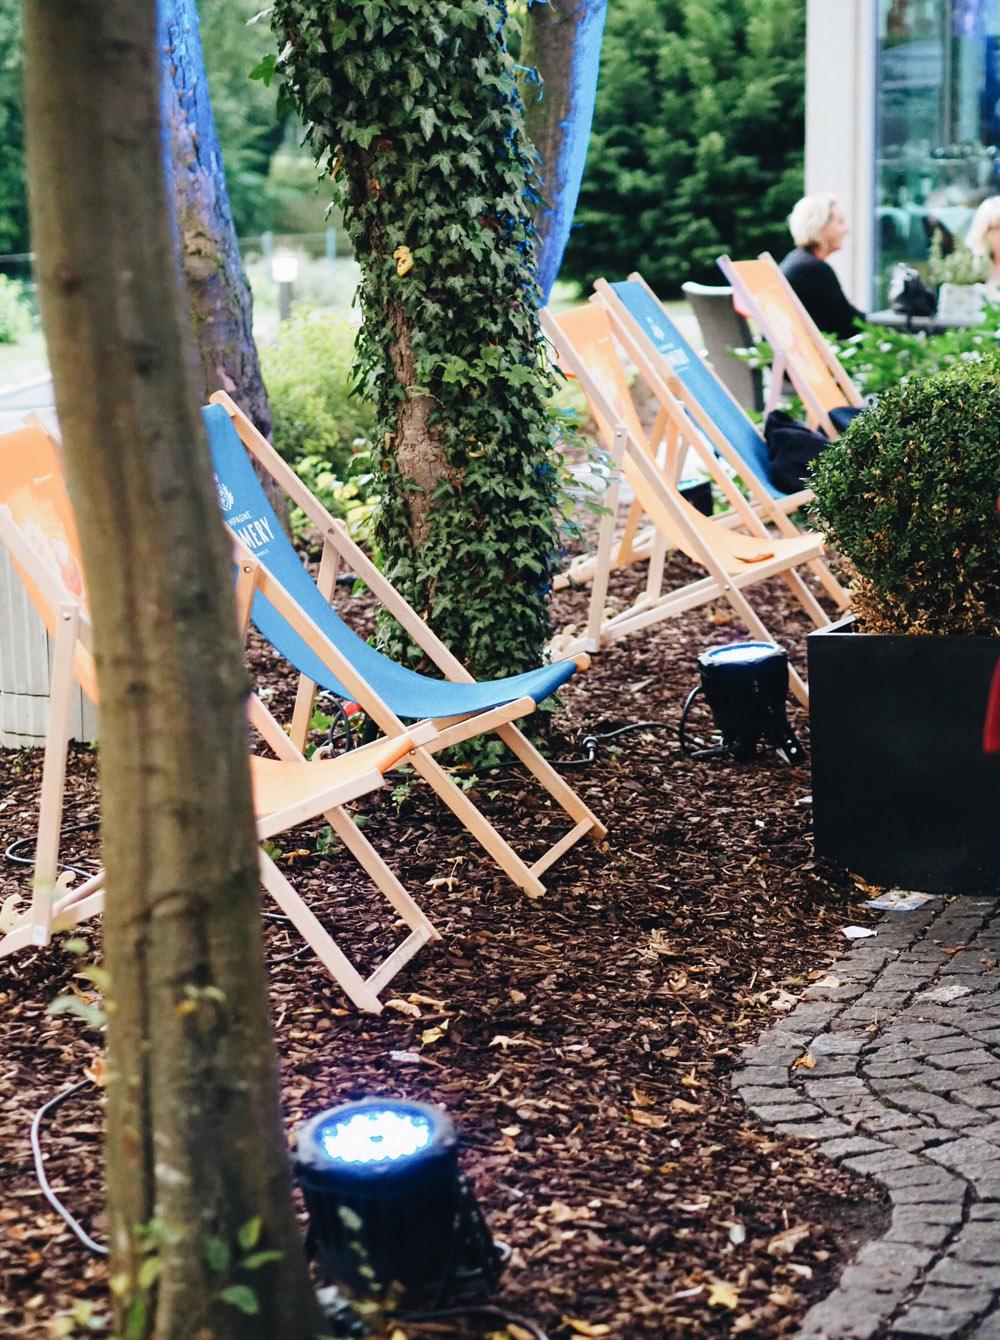 coucoubonheur_Lifestyleblog_München_WorkATonic_München